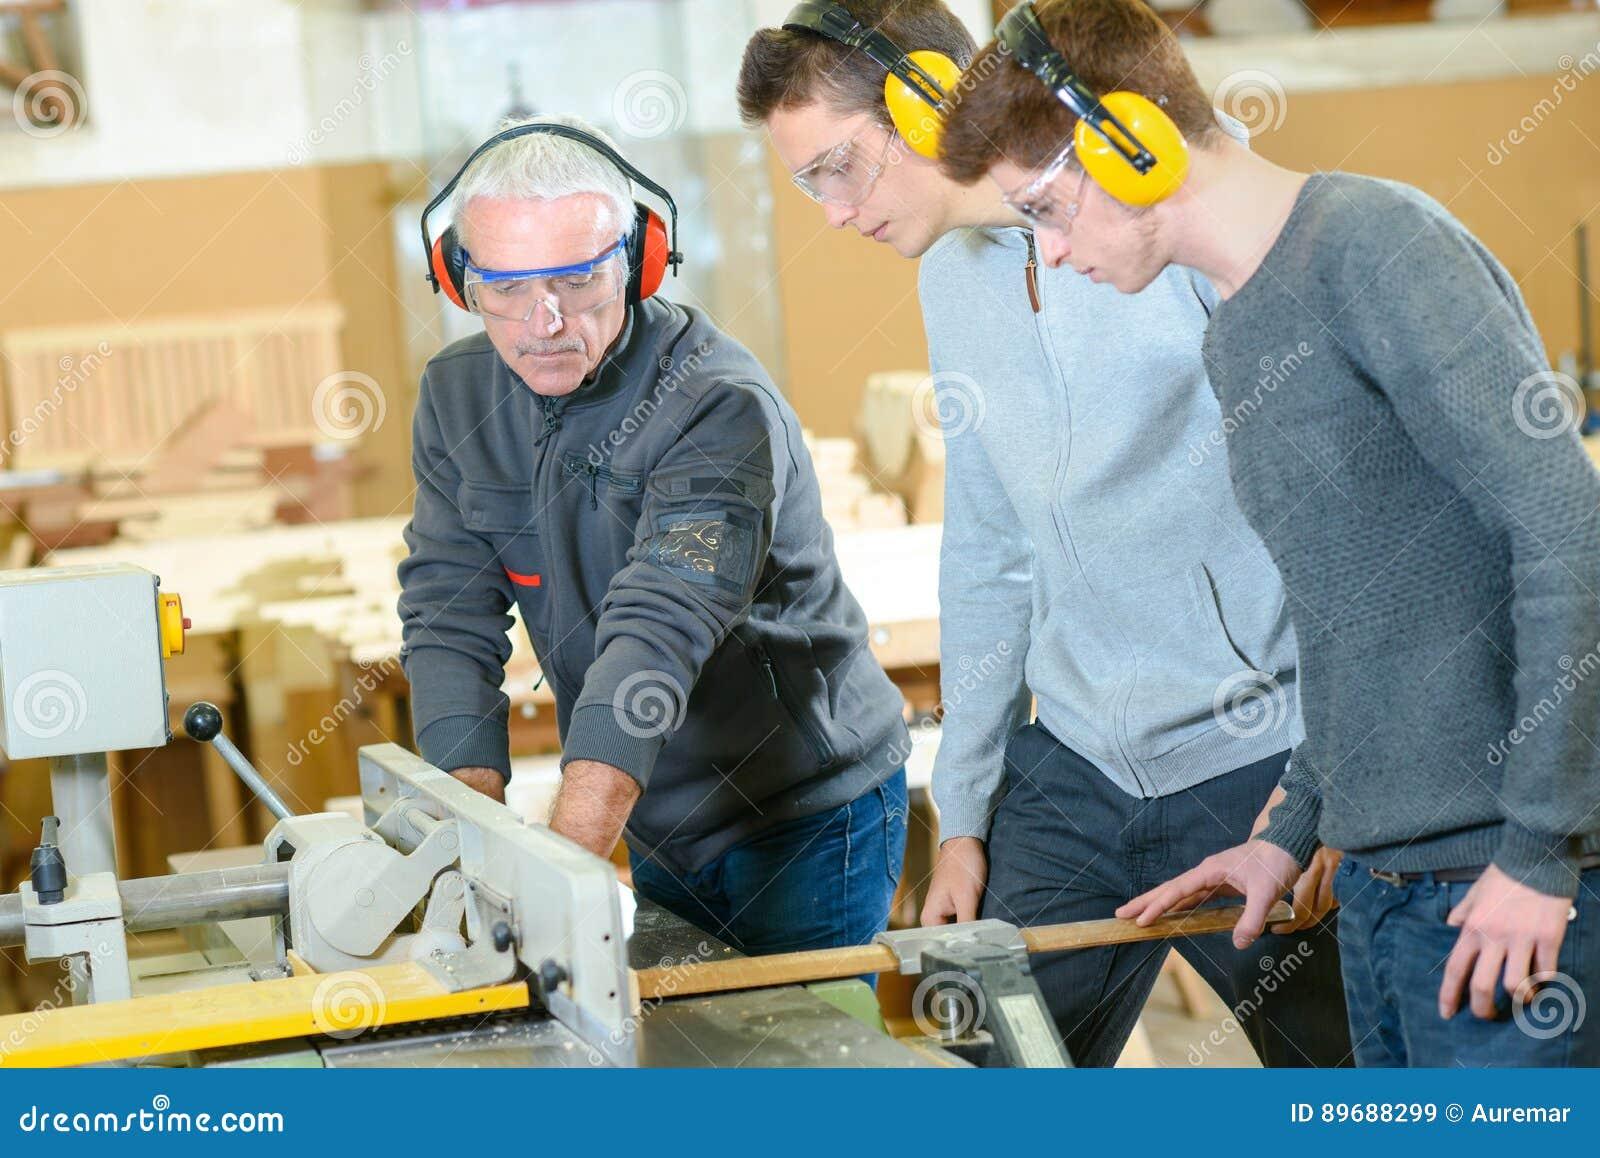 Άνδρες σπουδαστές στην κατηγορία ξυλουργικής